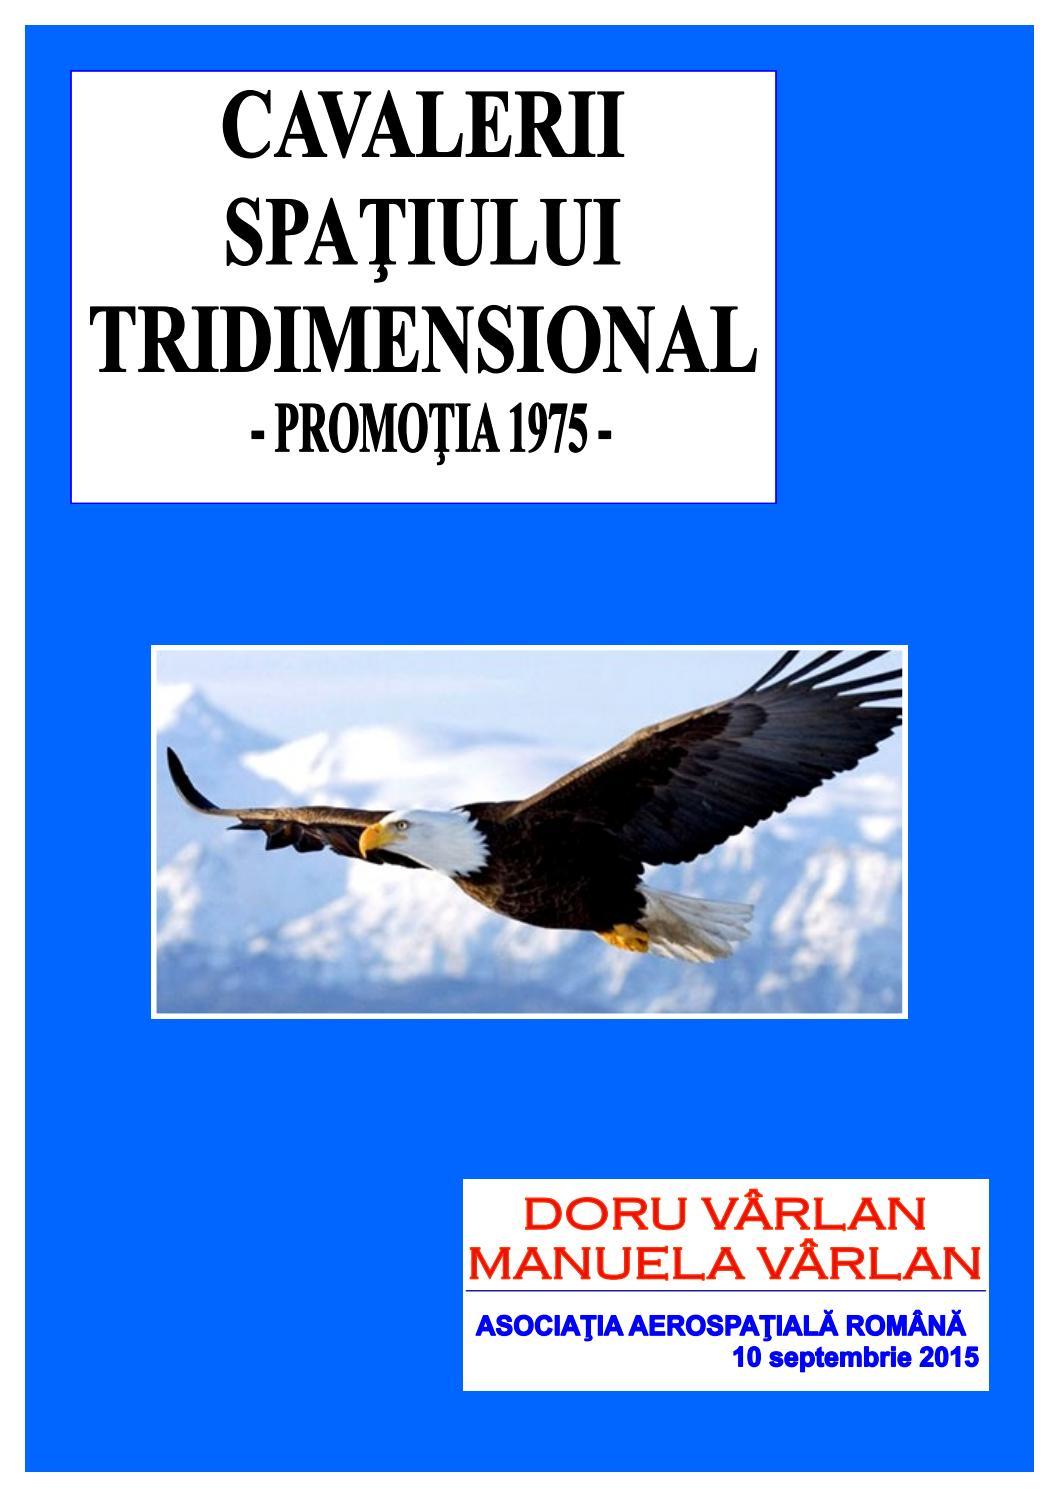 Vultur plesuv - Harpy eagle - formatiaoccident.ro